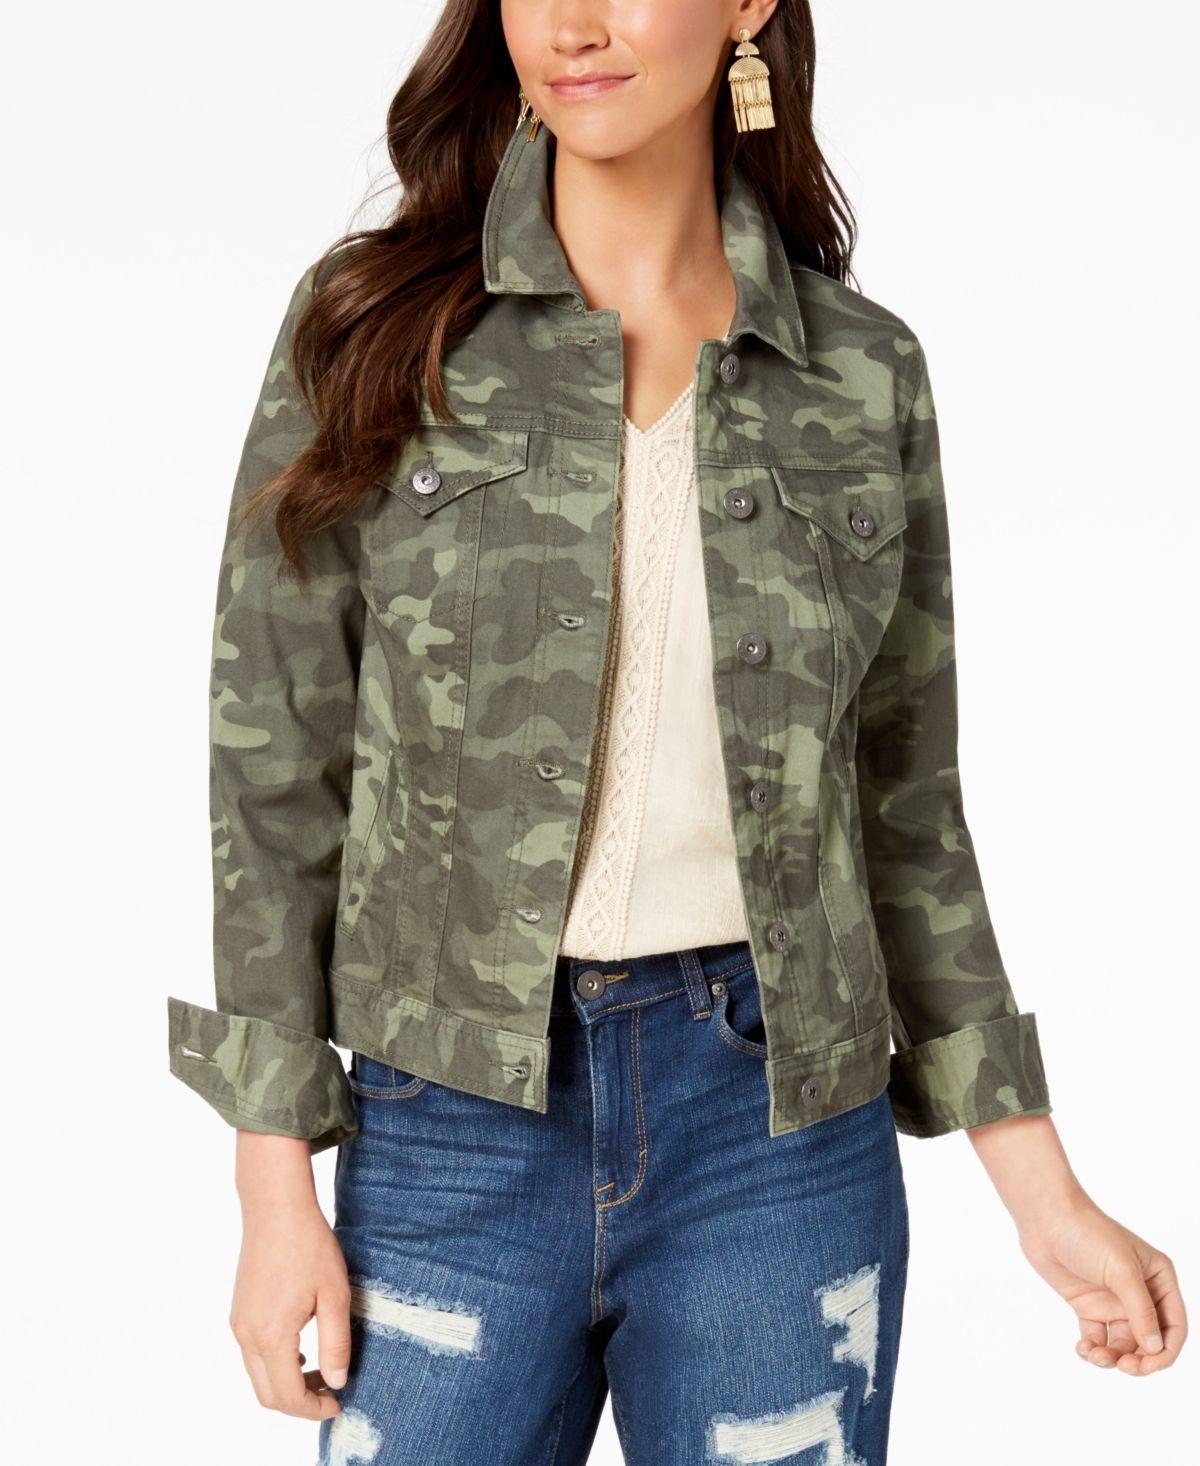 Style Co Denim Jacket Created For Macy S Reviews Jackets Blazers Women Macy S Blazer Jackets For Women Camo Jacket Women Petite Denim Jacket [ 1466 x 1200 Pixel ]